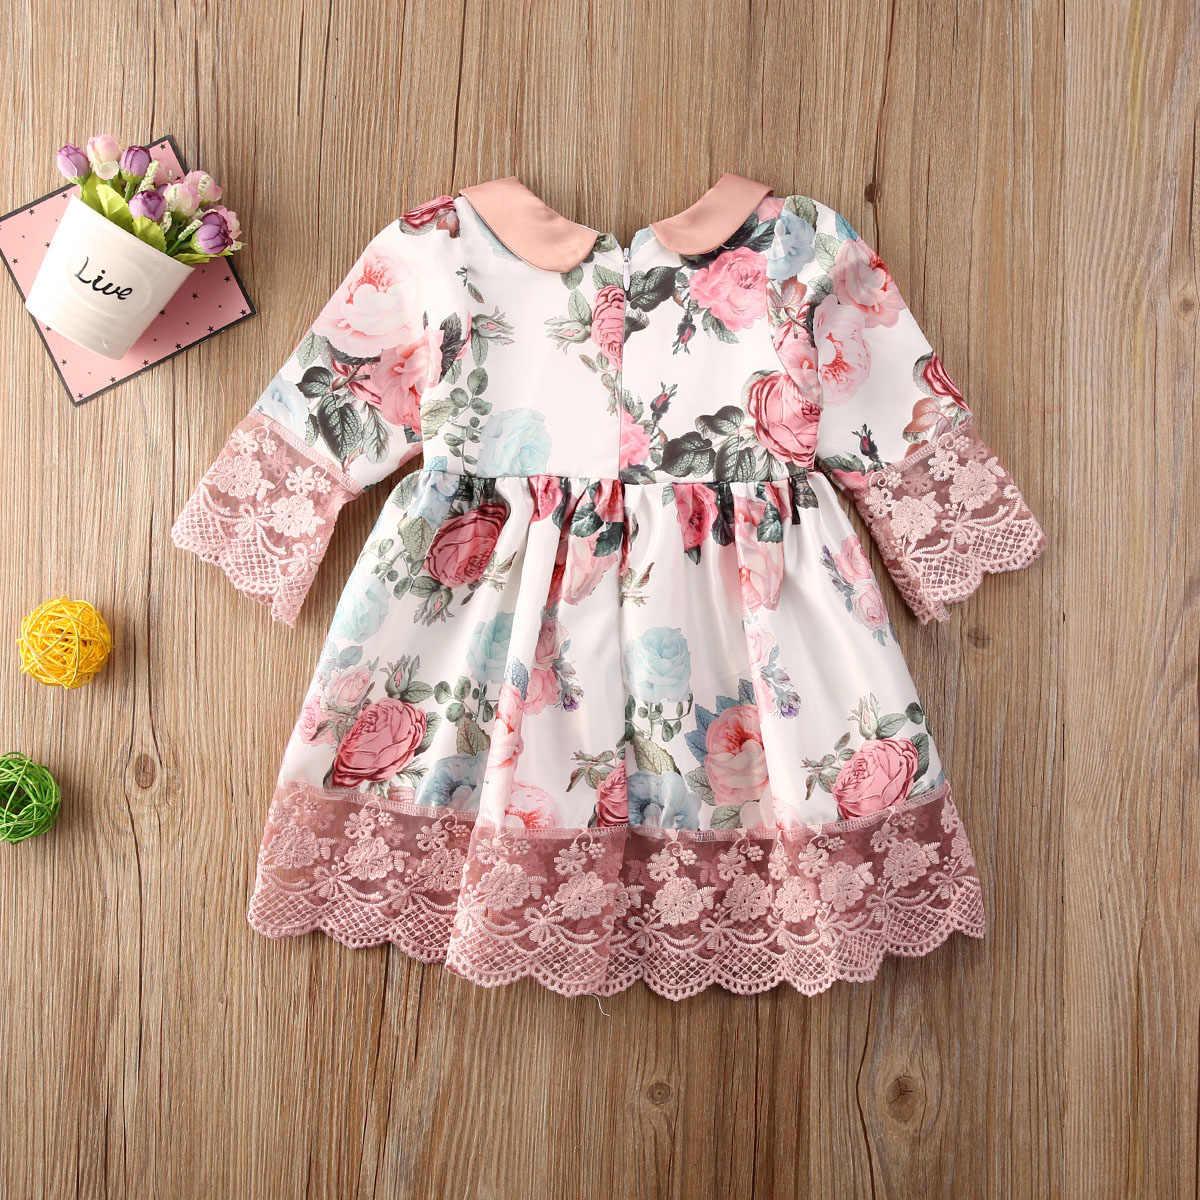 Kids Baby Meisjes Prinses Zomer Casual Lange Mouw Jurk Bloemen Print Lace A-lijn Jurk 0-5Y